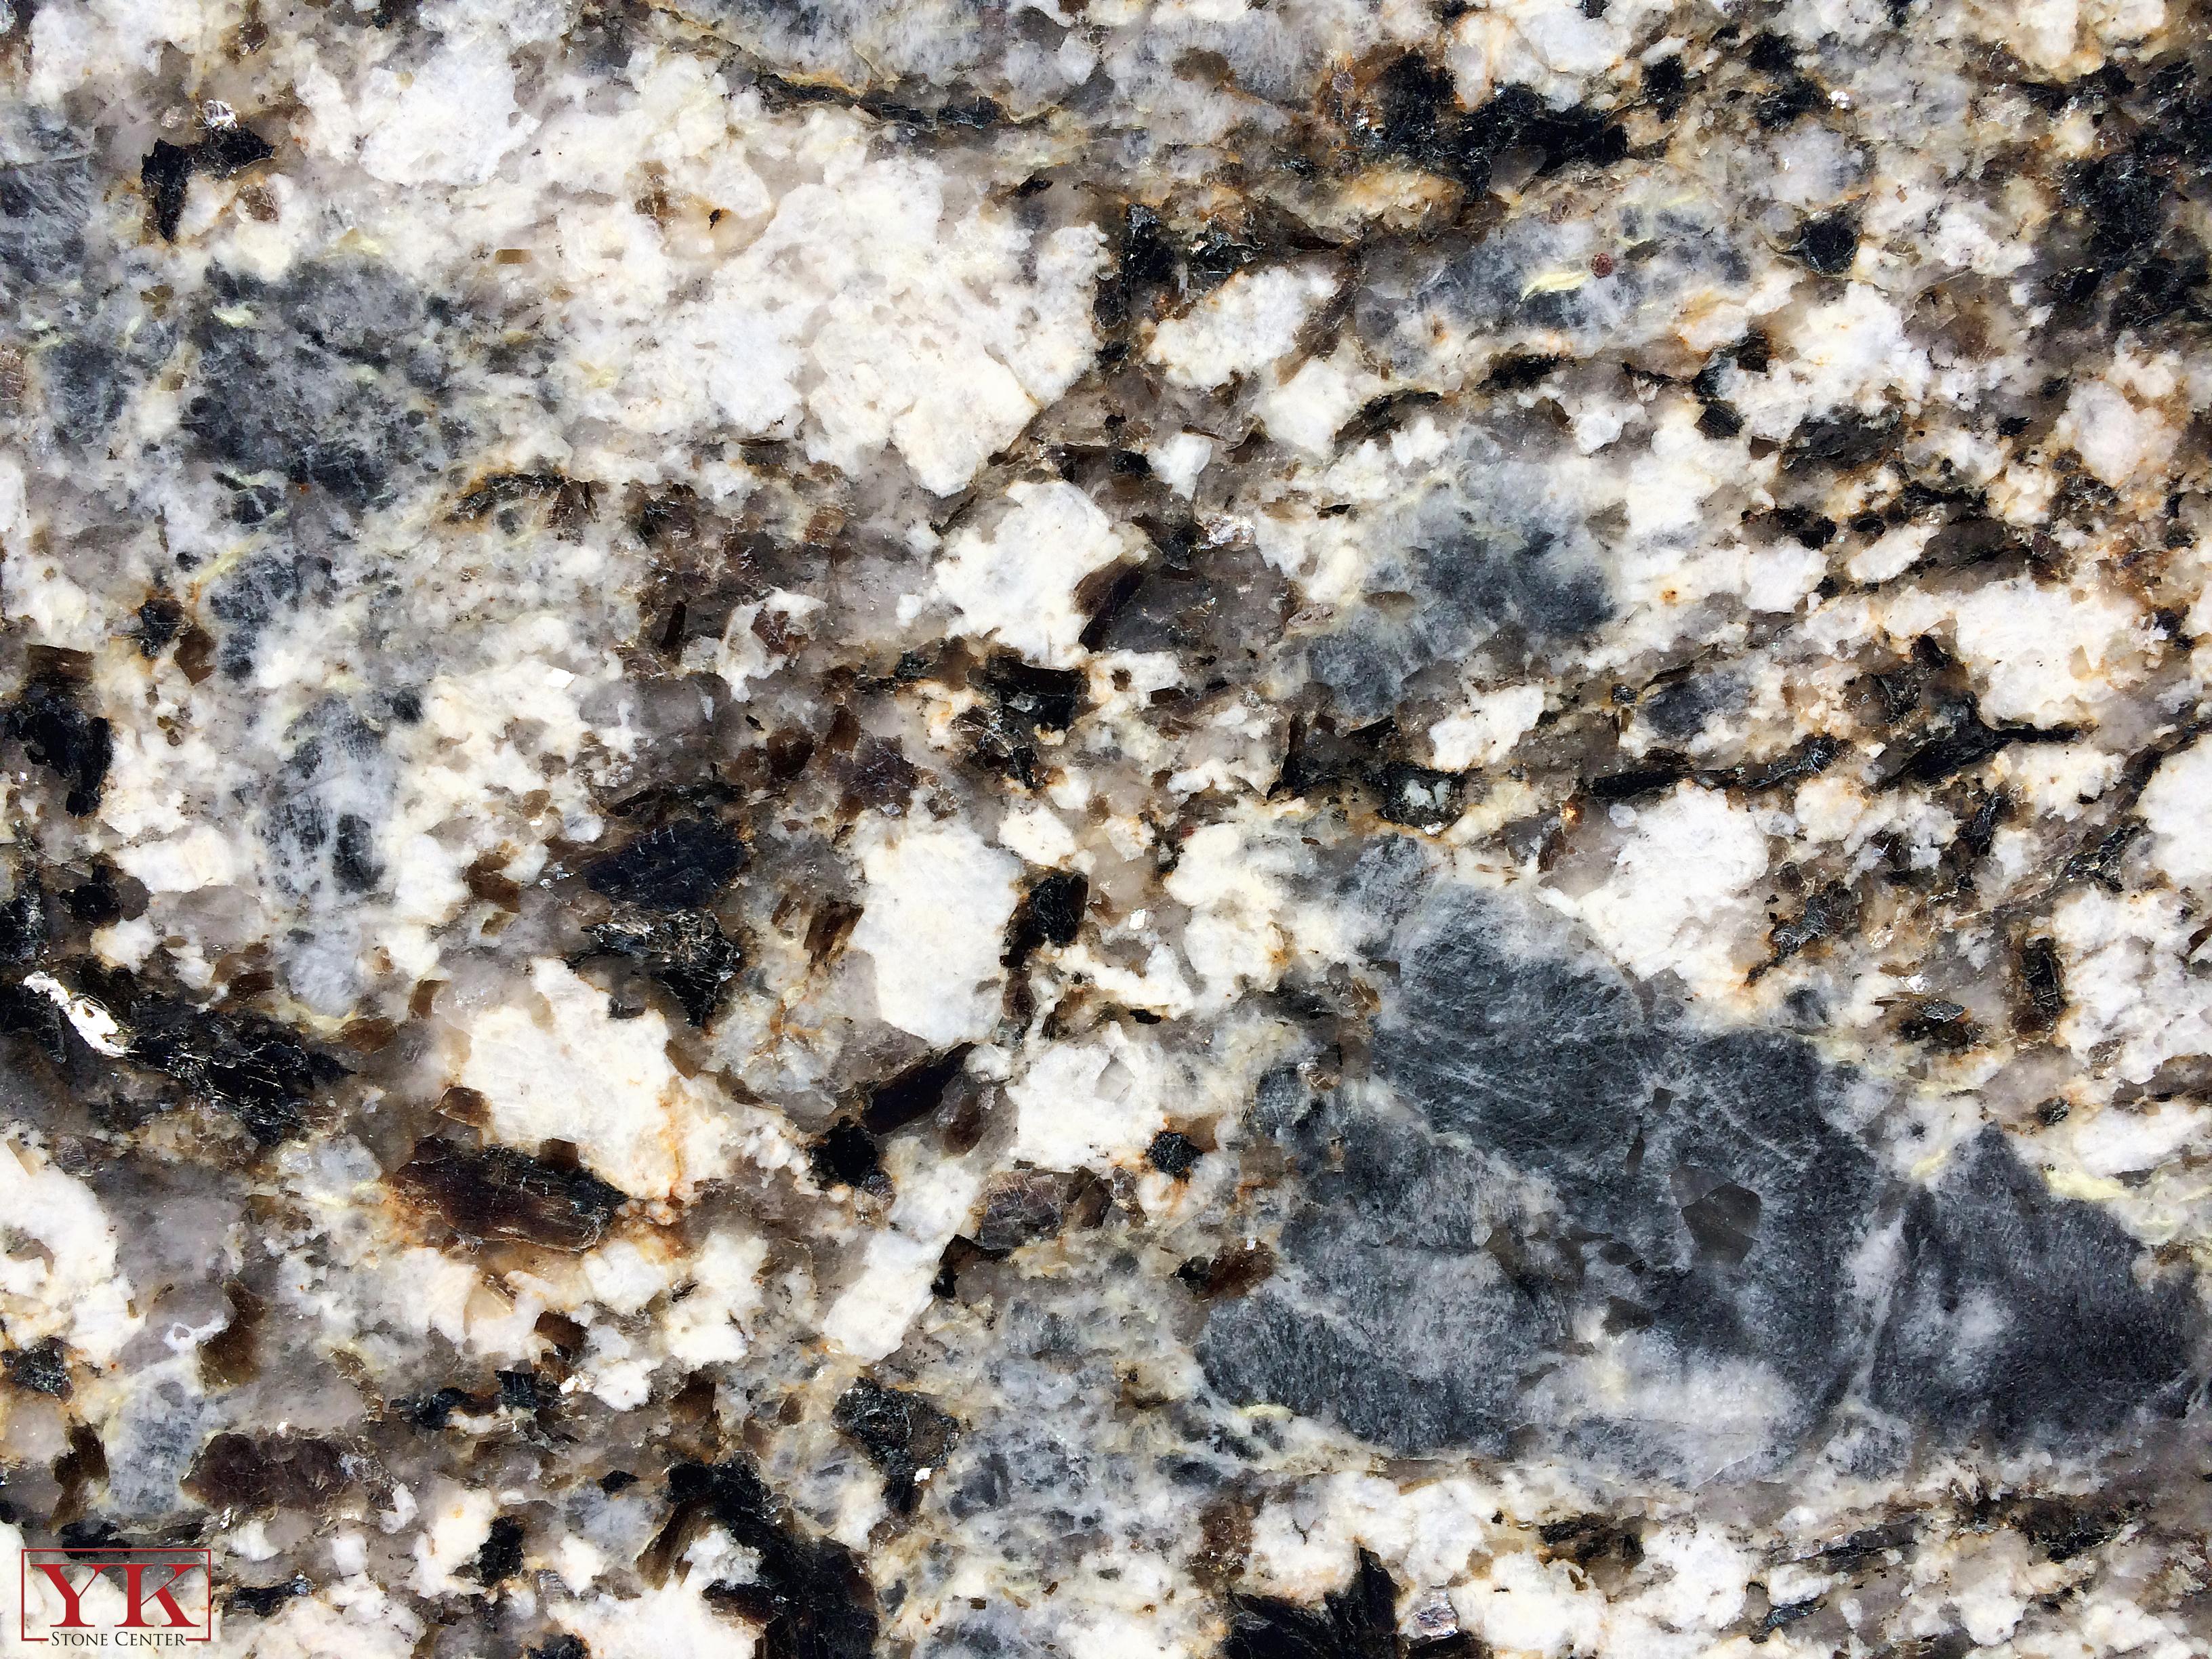 New Stock - Blue Flower Granite Slabs - Blog - YK Stone Center